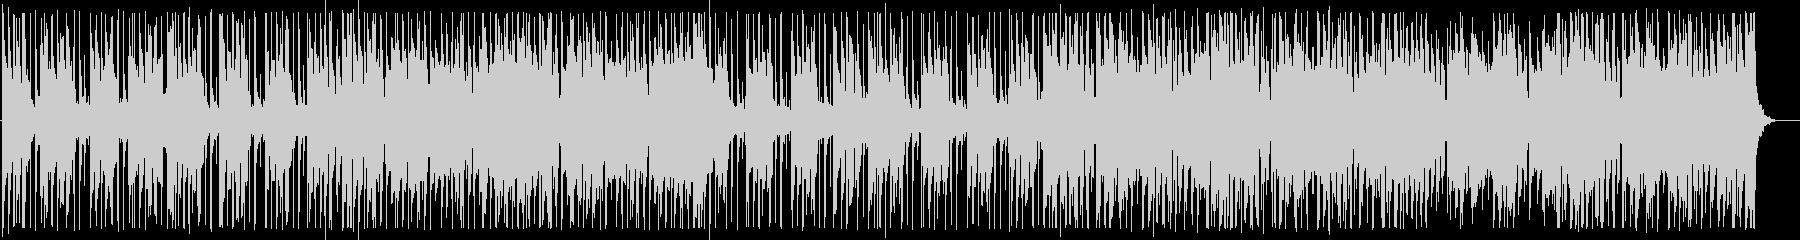 涼しげな夏のカフェBGM_No584_2の未再生の波形